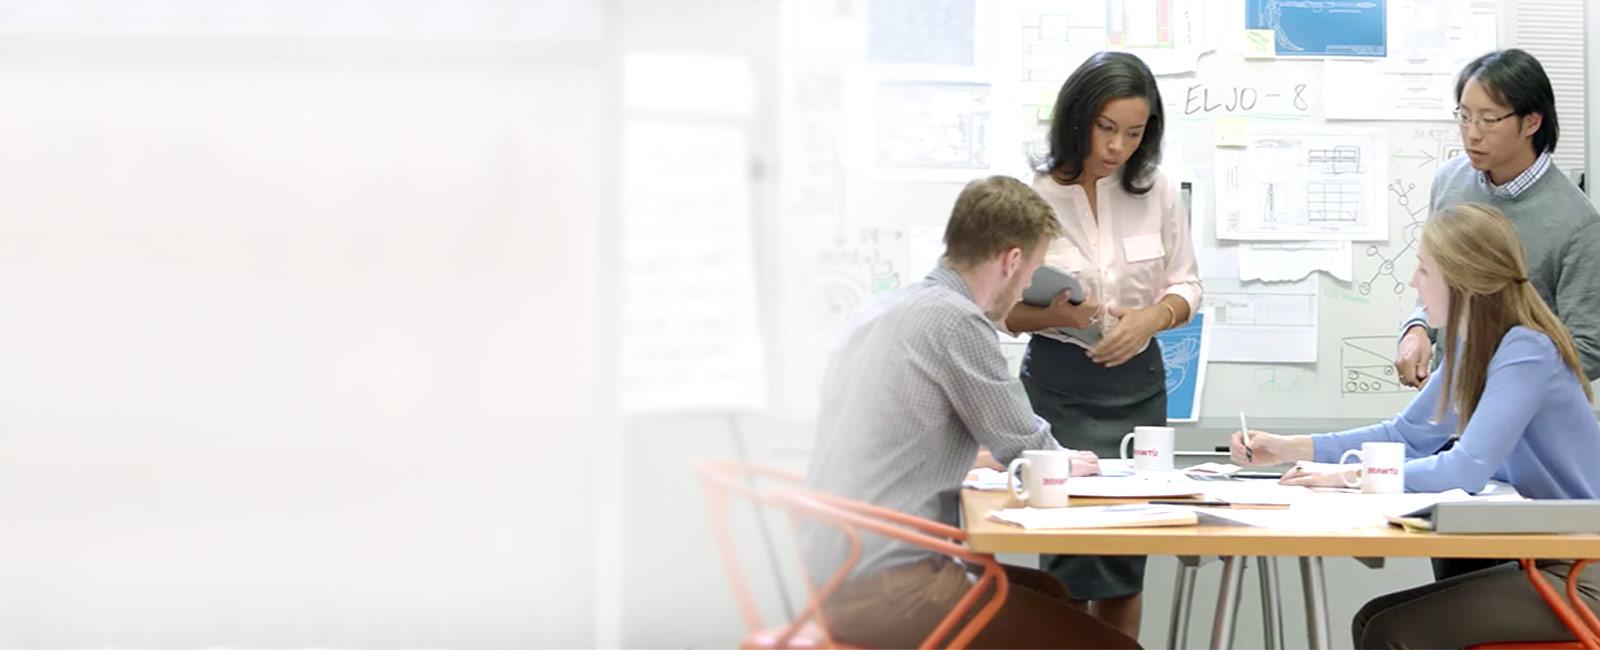 Twee staande personen en twee zittende personen aan een tafel vol documenten voor een whiteboard.